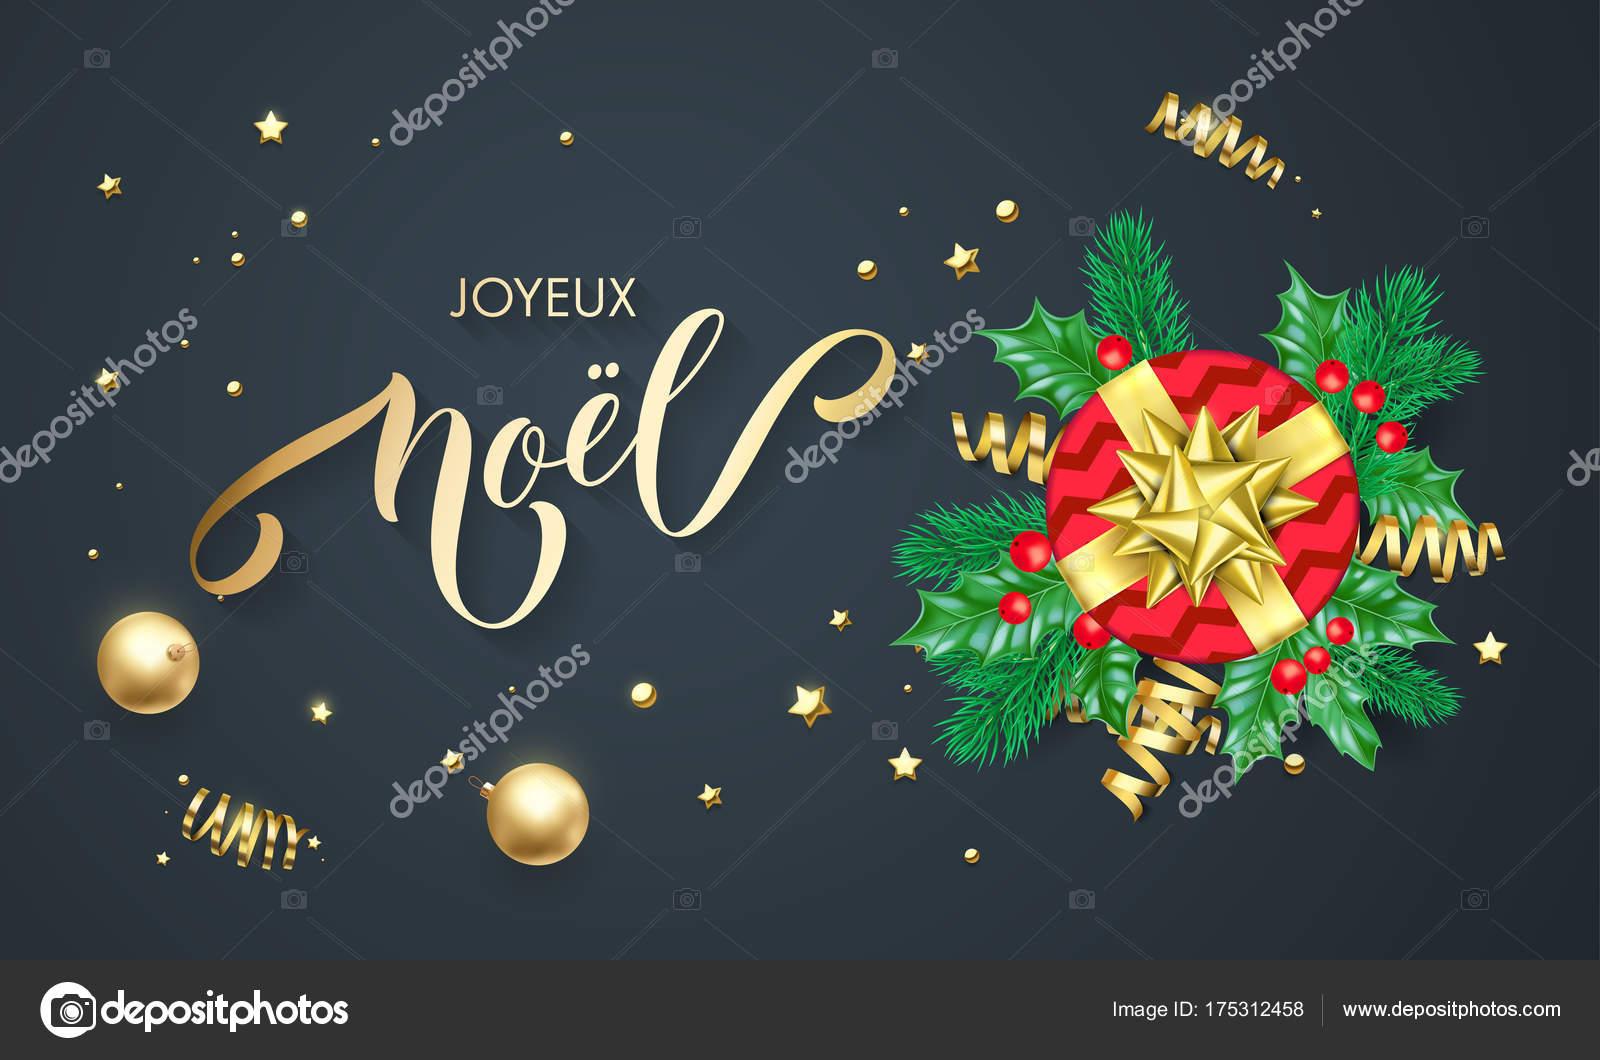 Auguri Di Buon Natale Francese.Vettore Buon Anno In Francese Joyeux Noel Francese Buon